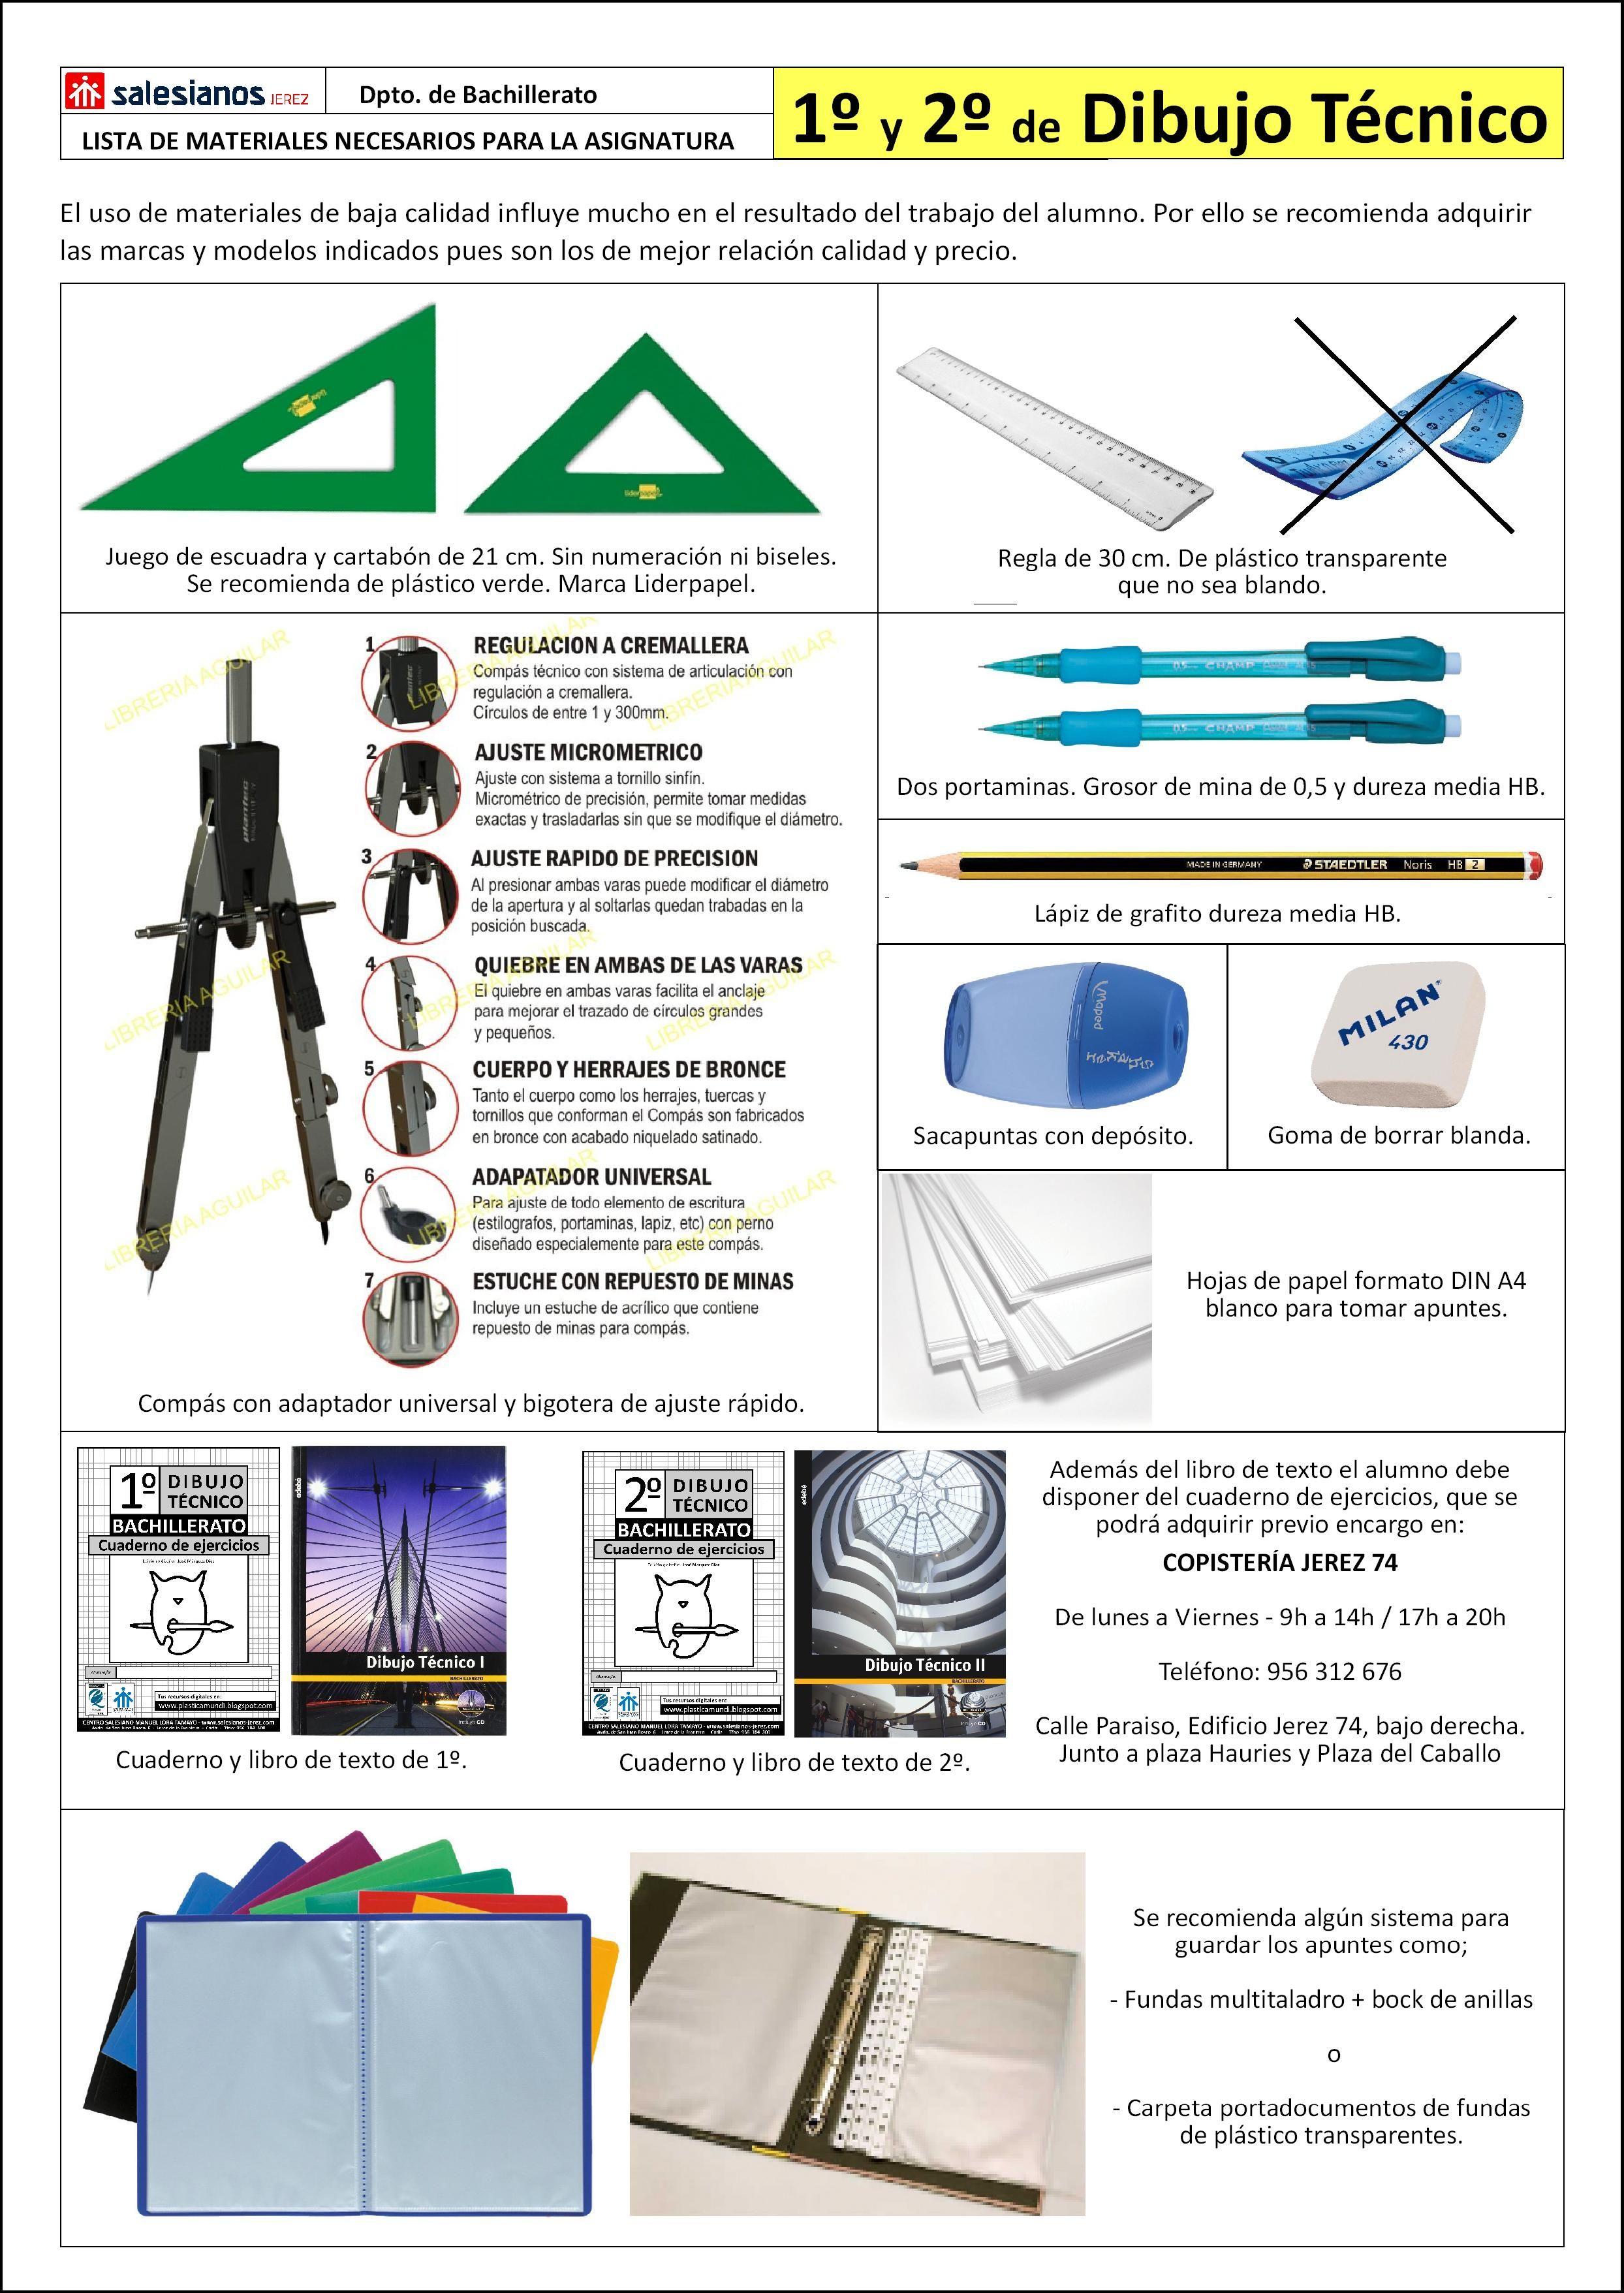 Lista De Materiales Necesarios Para La Asignatura De Dibujo Tecnico 1º Y 2º De Bachillerat Materiales De Dibujo Tecnico Tecnicas De Dibujo Materiales De Dibujo